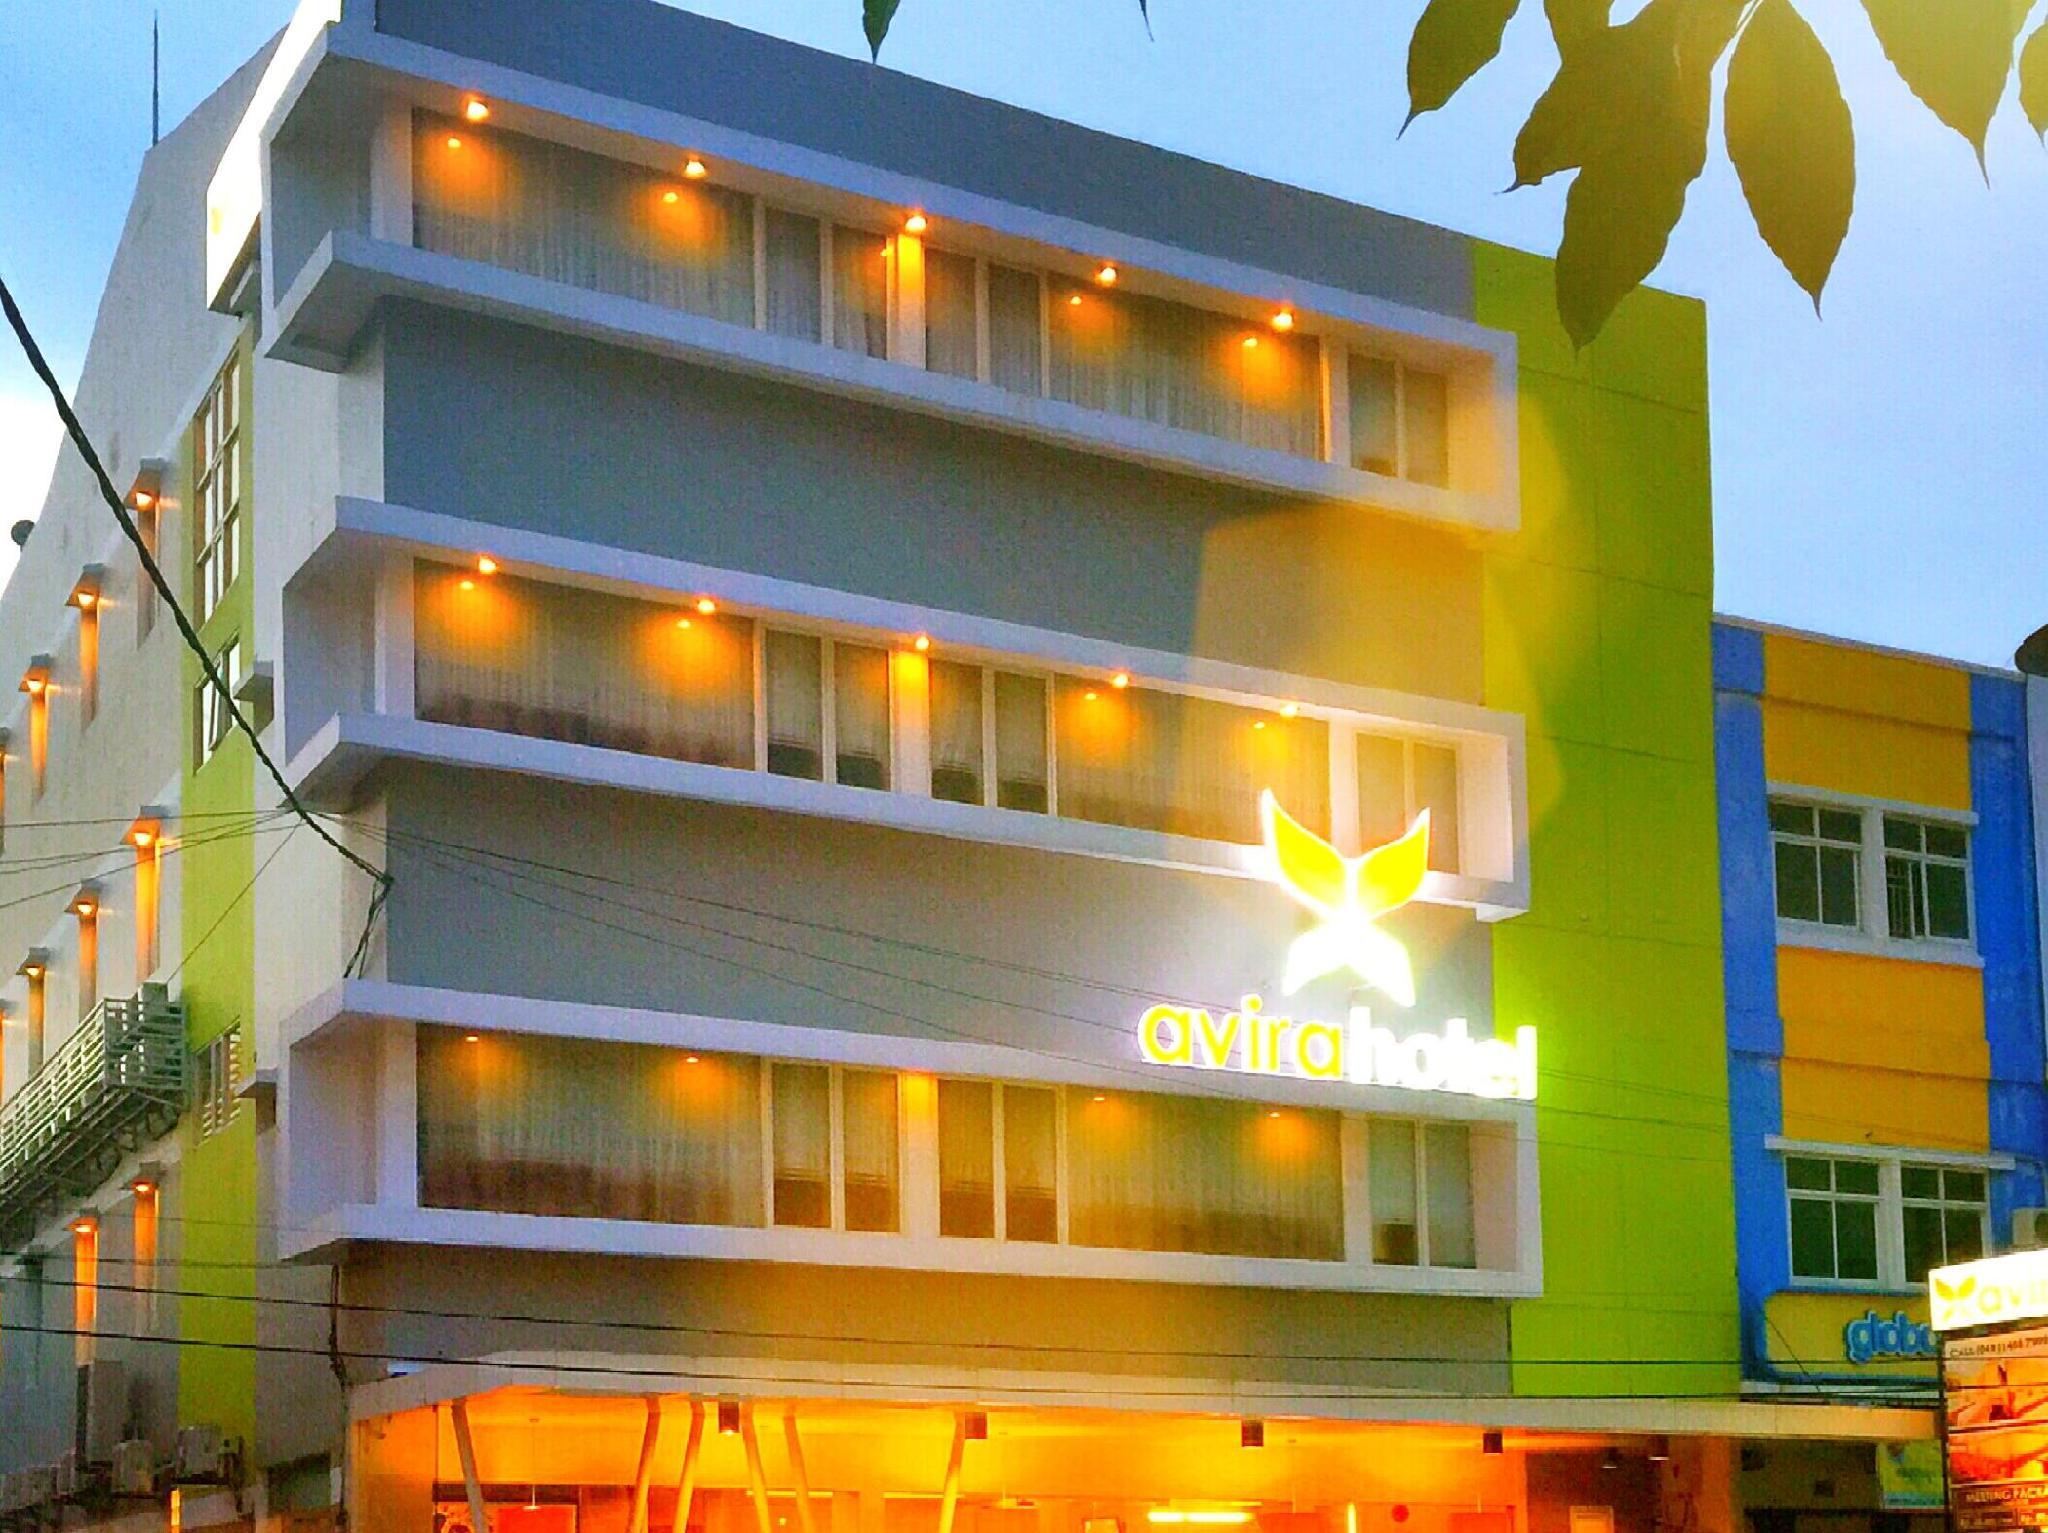 Avira Hotel Panakkukang (Formerly Nite & Day Panakkukang)